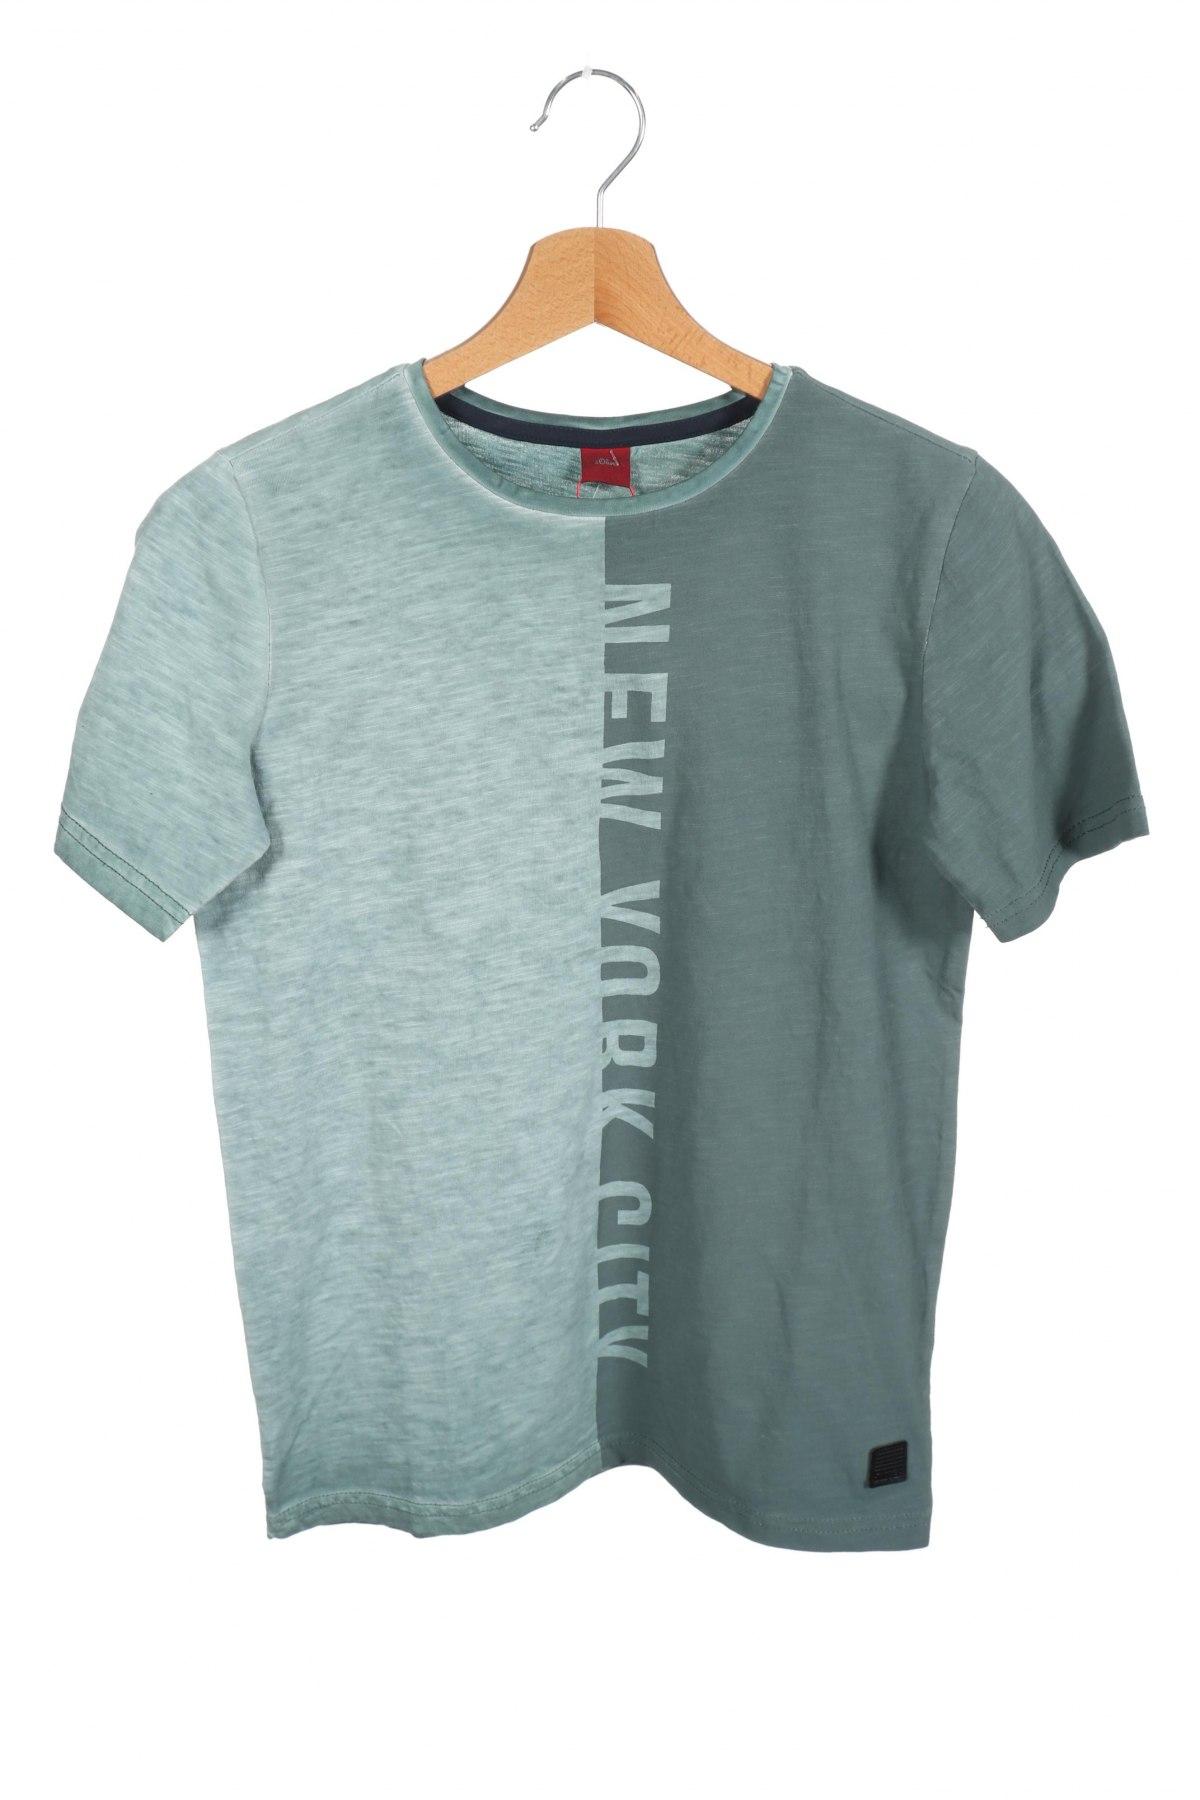 Παιδικό μπλουζάκι S.Oliver, Μέγεθος 10-11y/ 146-152 εκ., Χρώμα Πράσινο, Βαμβάκι, Τιμή 13,67€